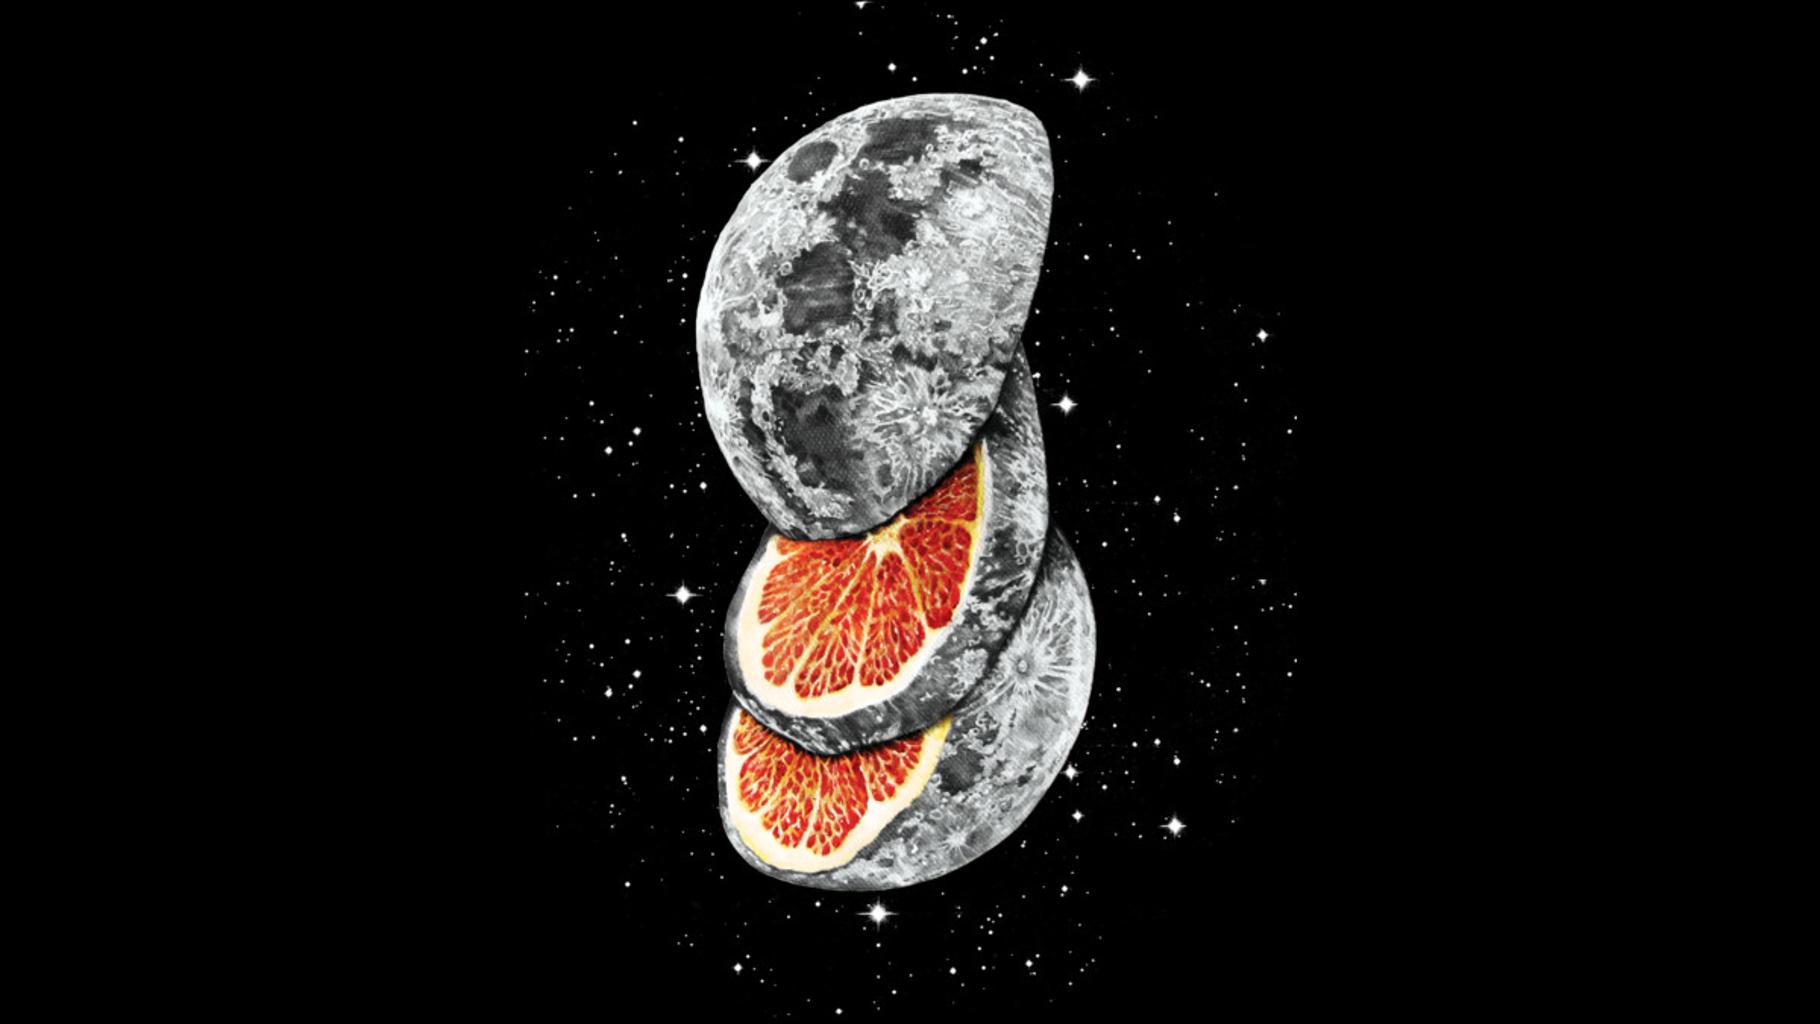 Design by Humans: Lunar Fruit